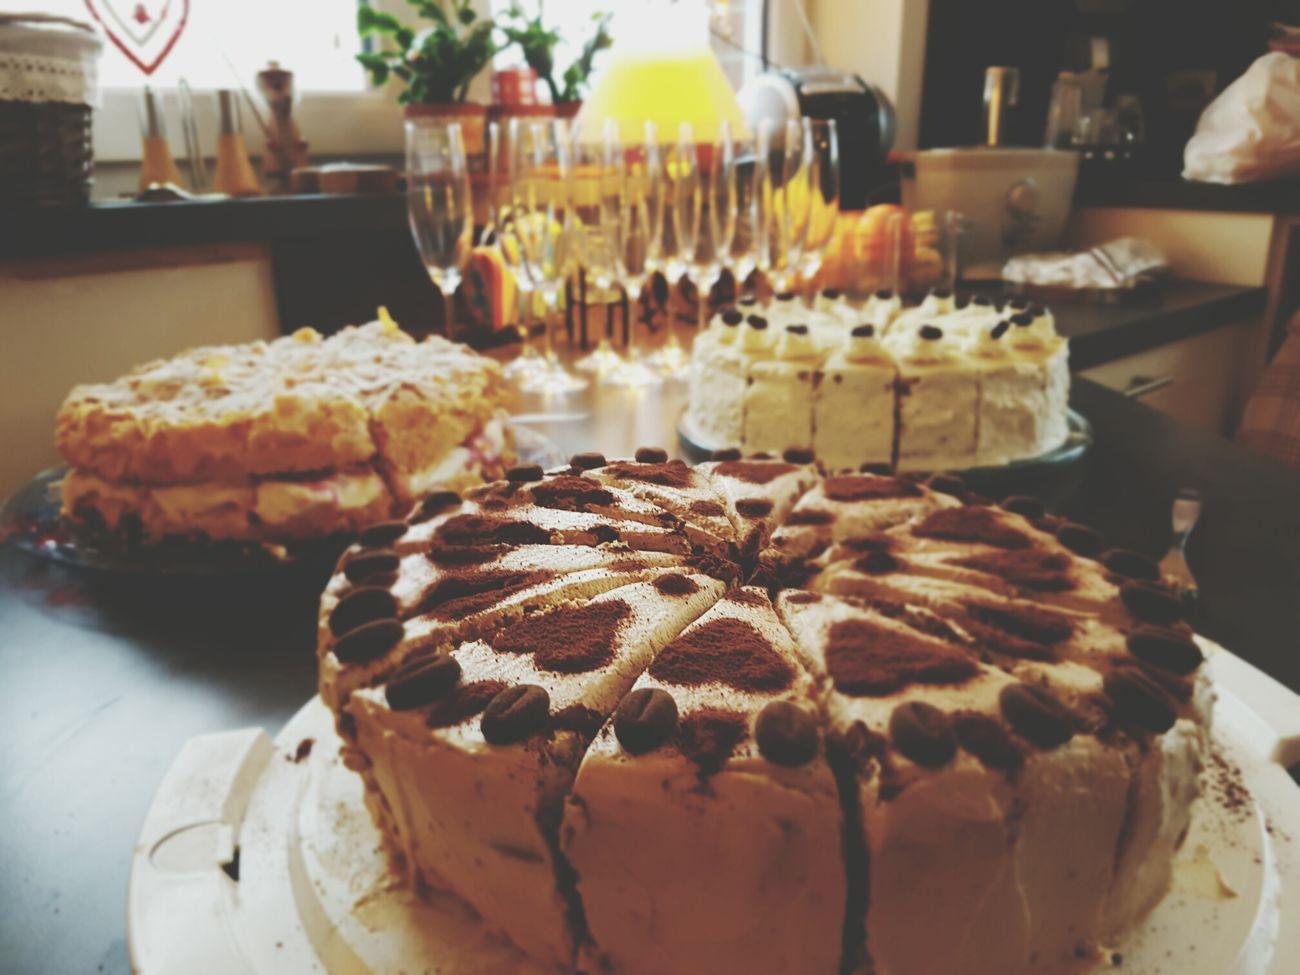 Cake Family Time Tasty